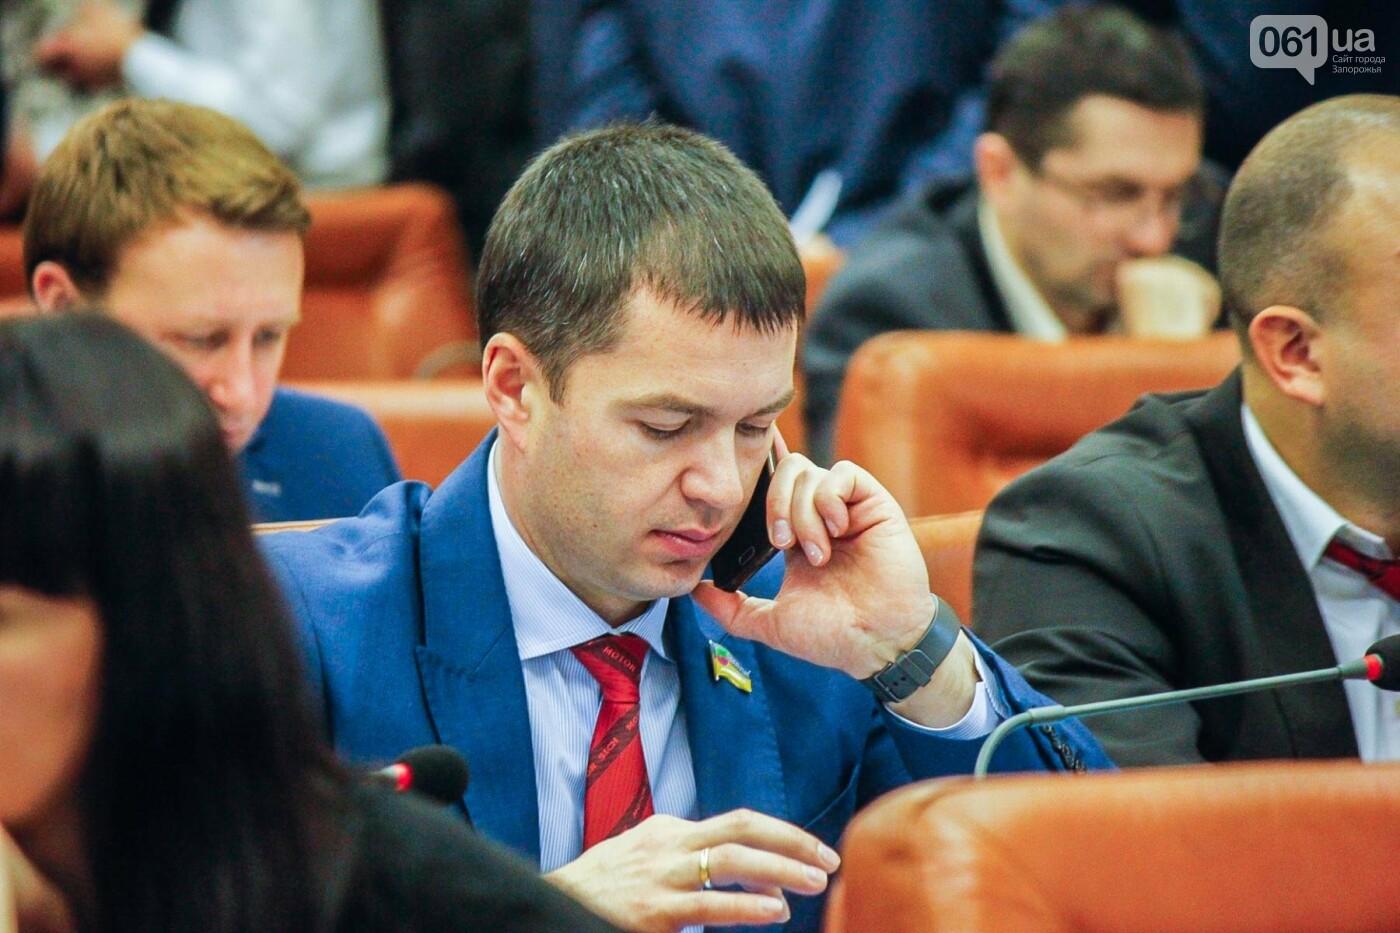 Сессия запорожского горсовета в лицах, - ФОТОРЕПОРТАЖ, фото-33